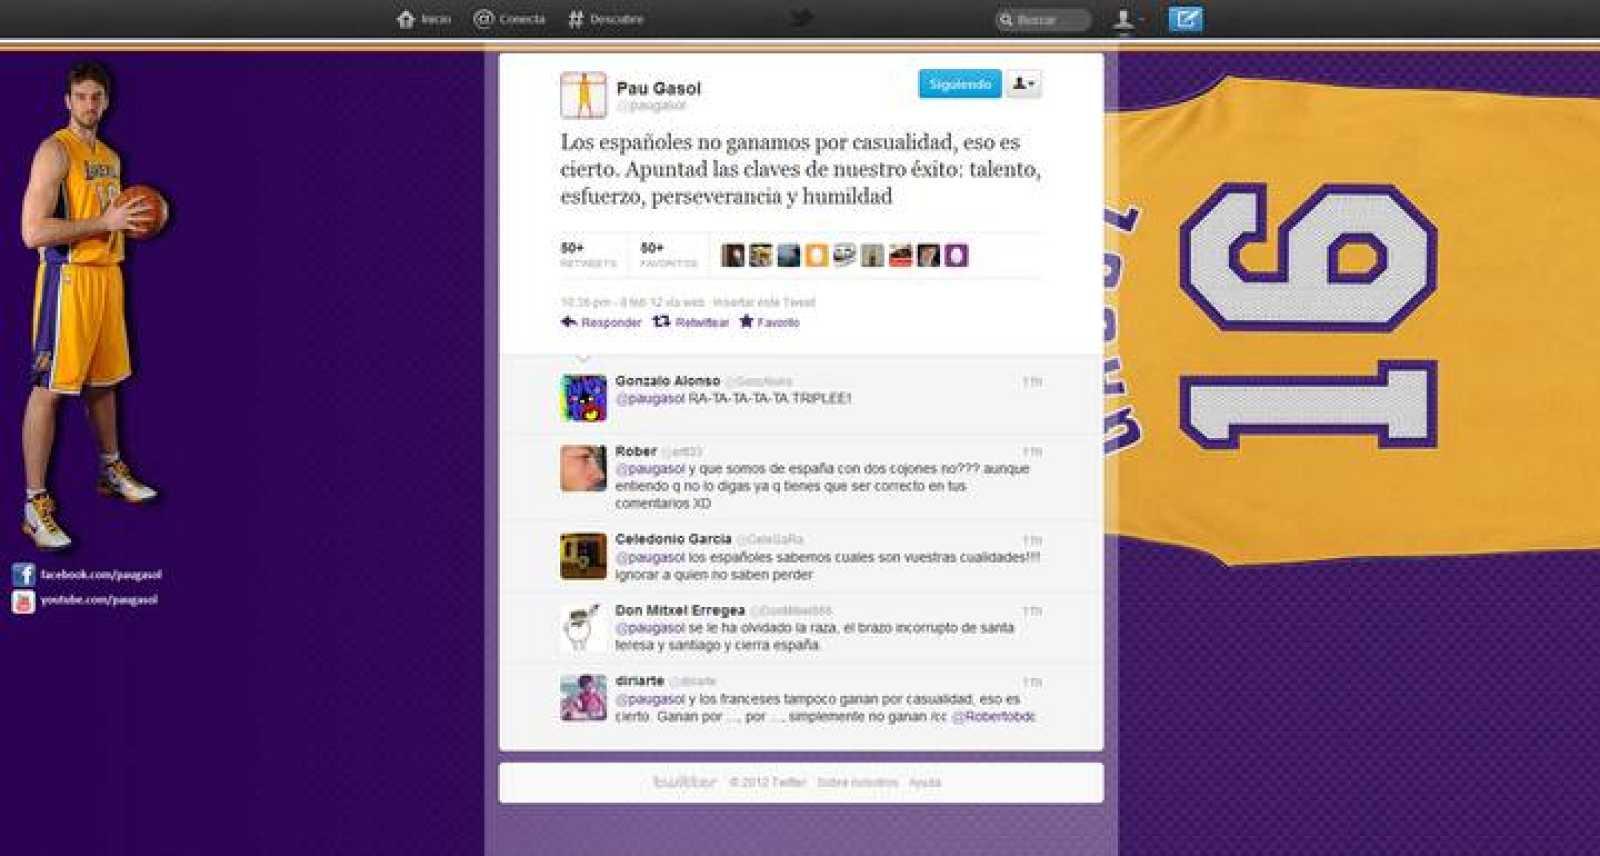 Imagen del comentario de Pau Gasol en Twitter